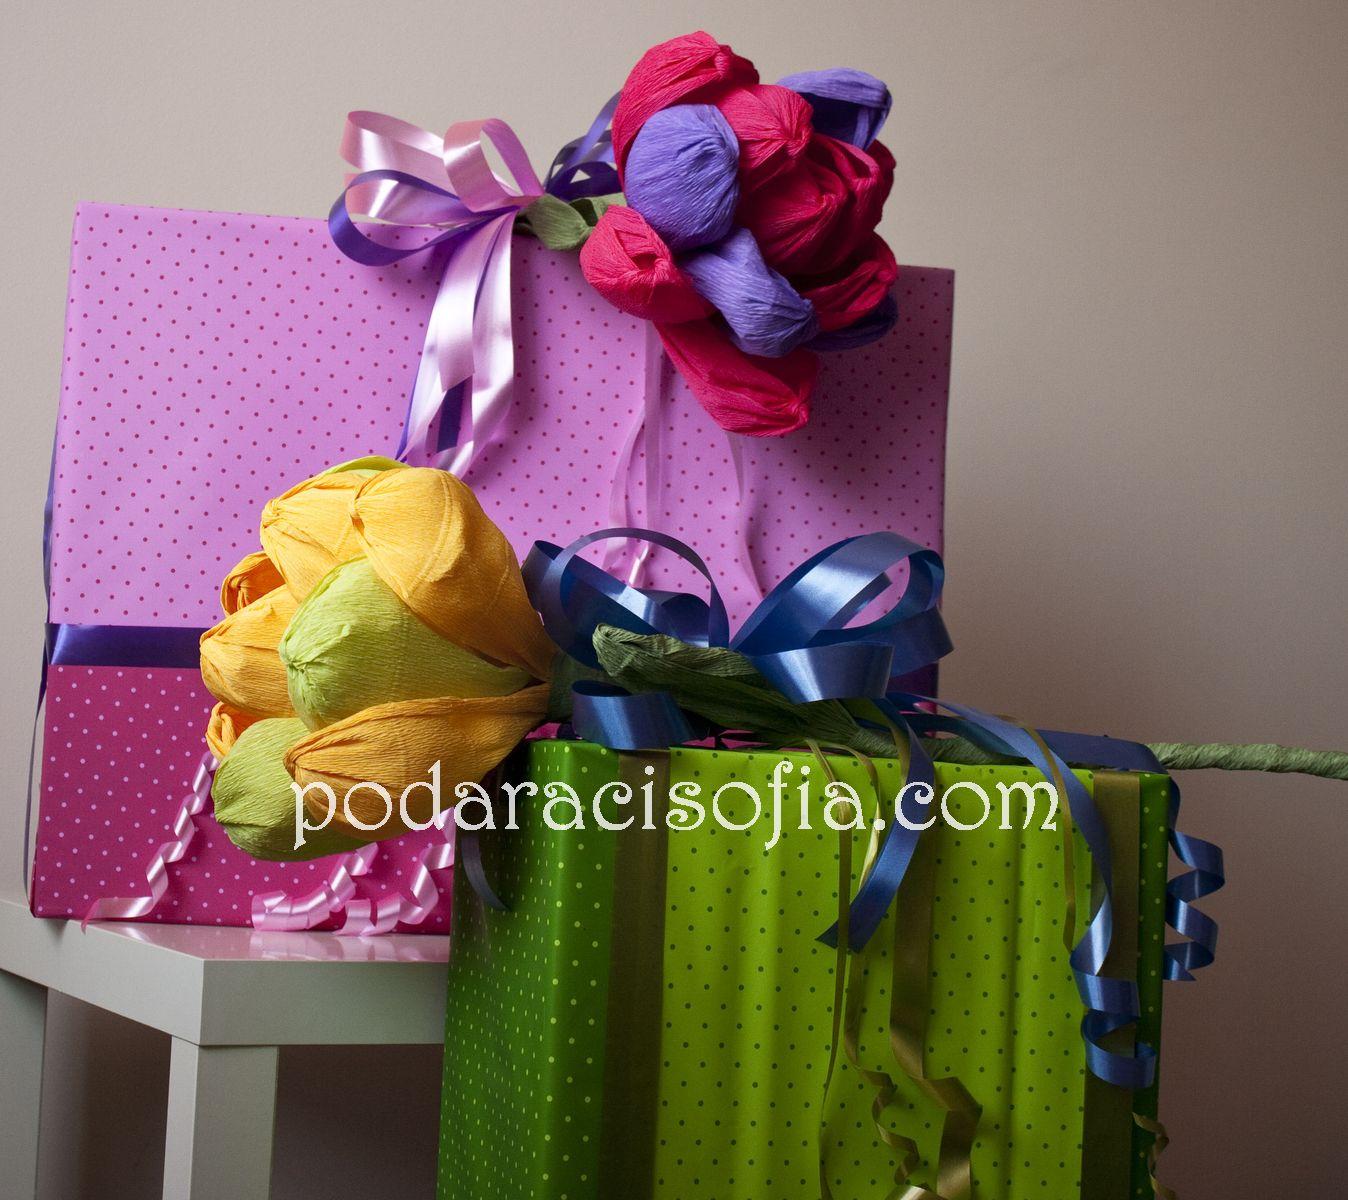 Подаръци опаковани в розово и зелено с големи цветя от хартия в магазин Gifts